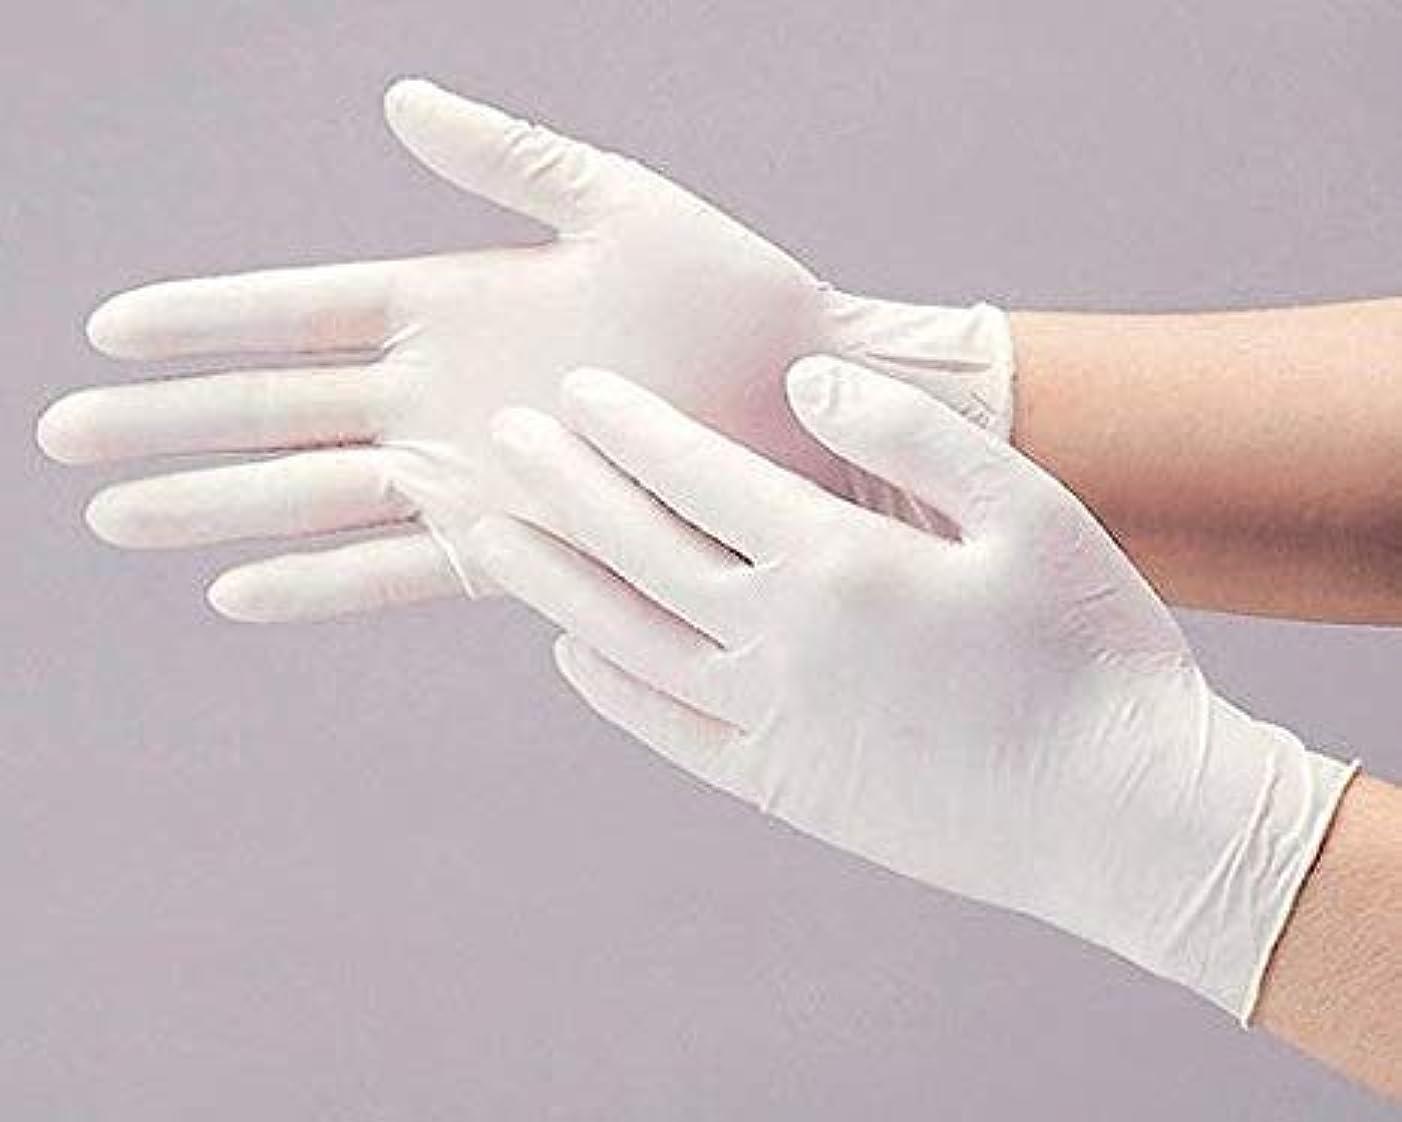 逃す狂った地雷原ケース販売 ダンロップ 天然ゴム極薄手袋 NR611 (40箱, Sサイズ)